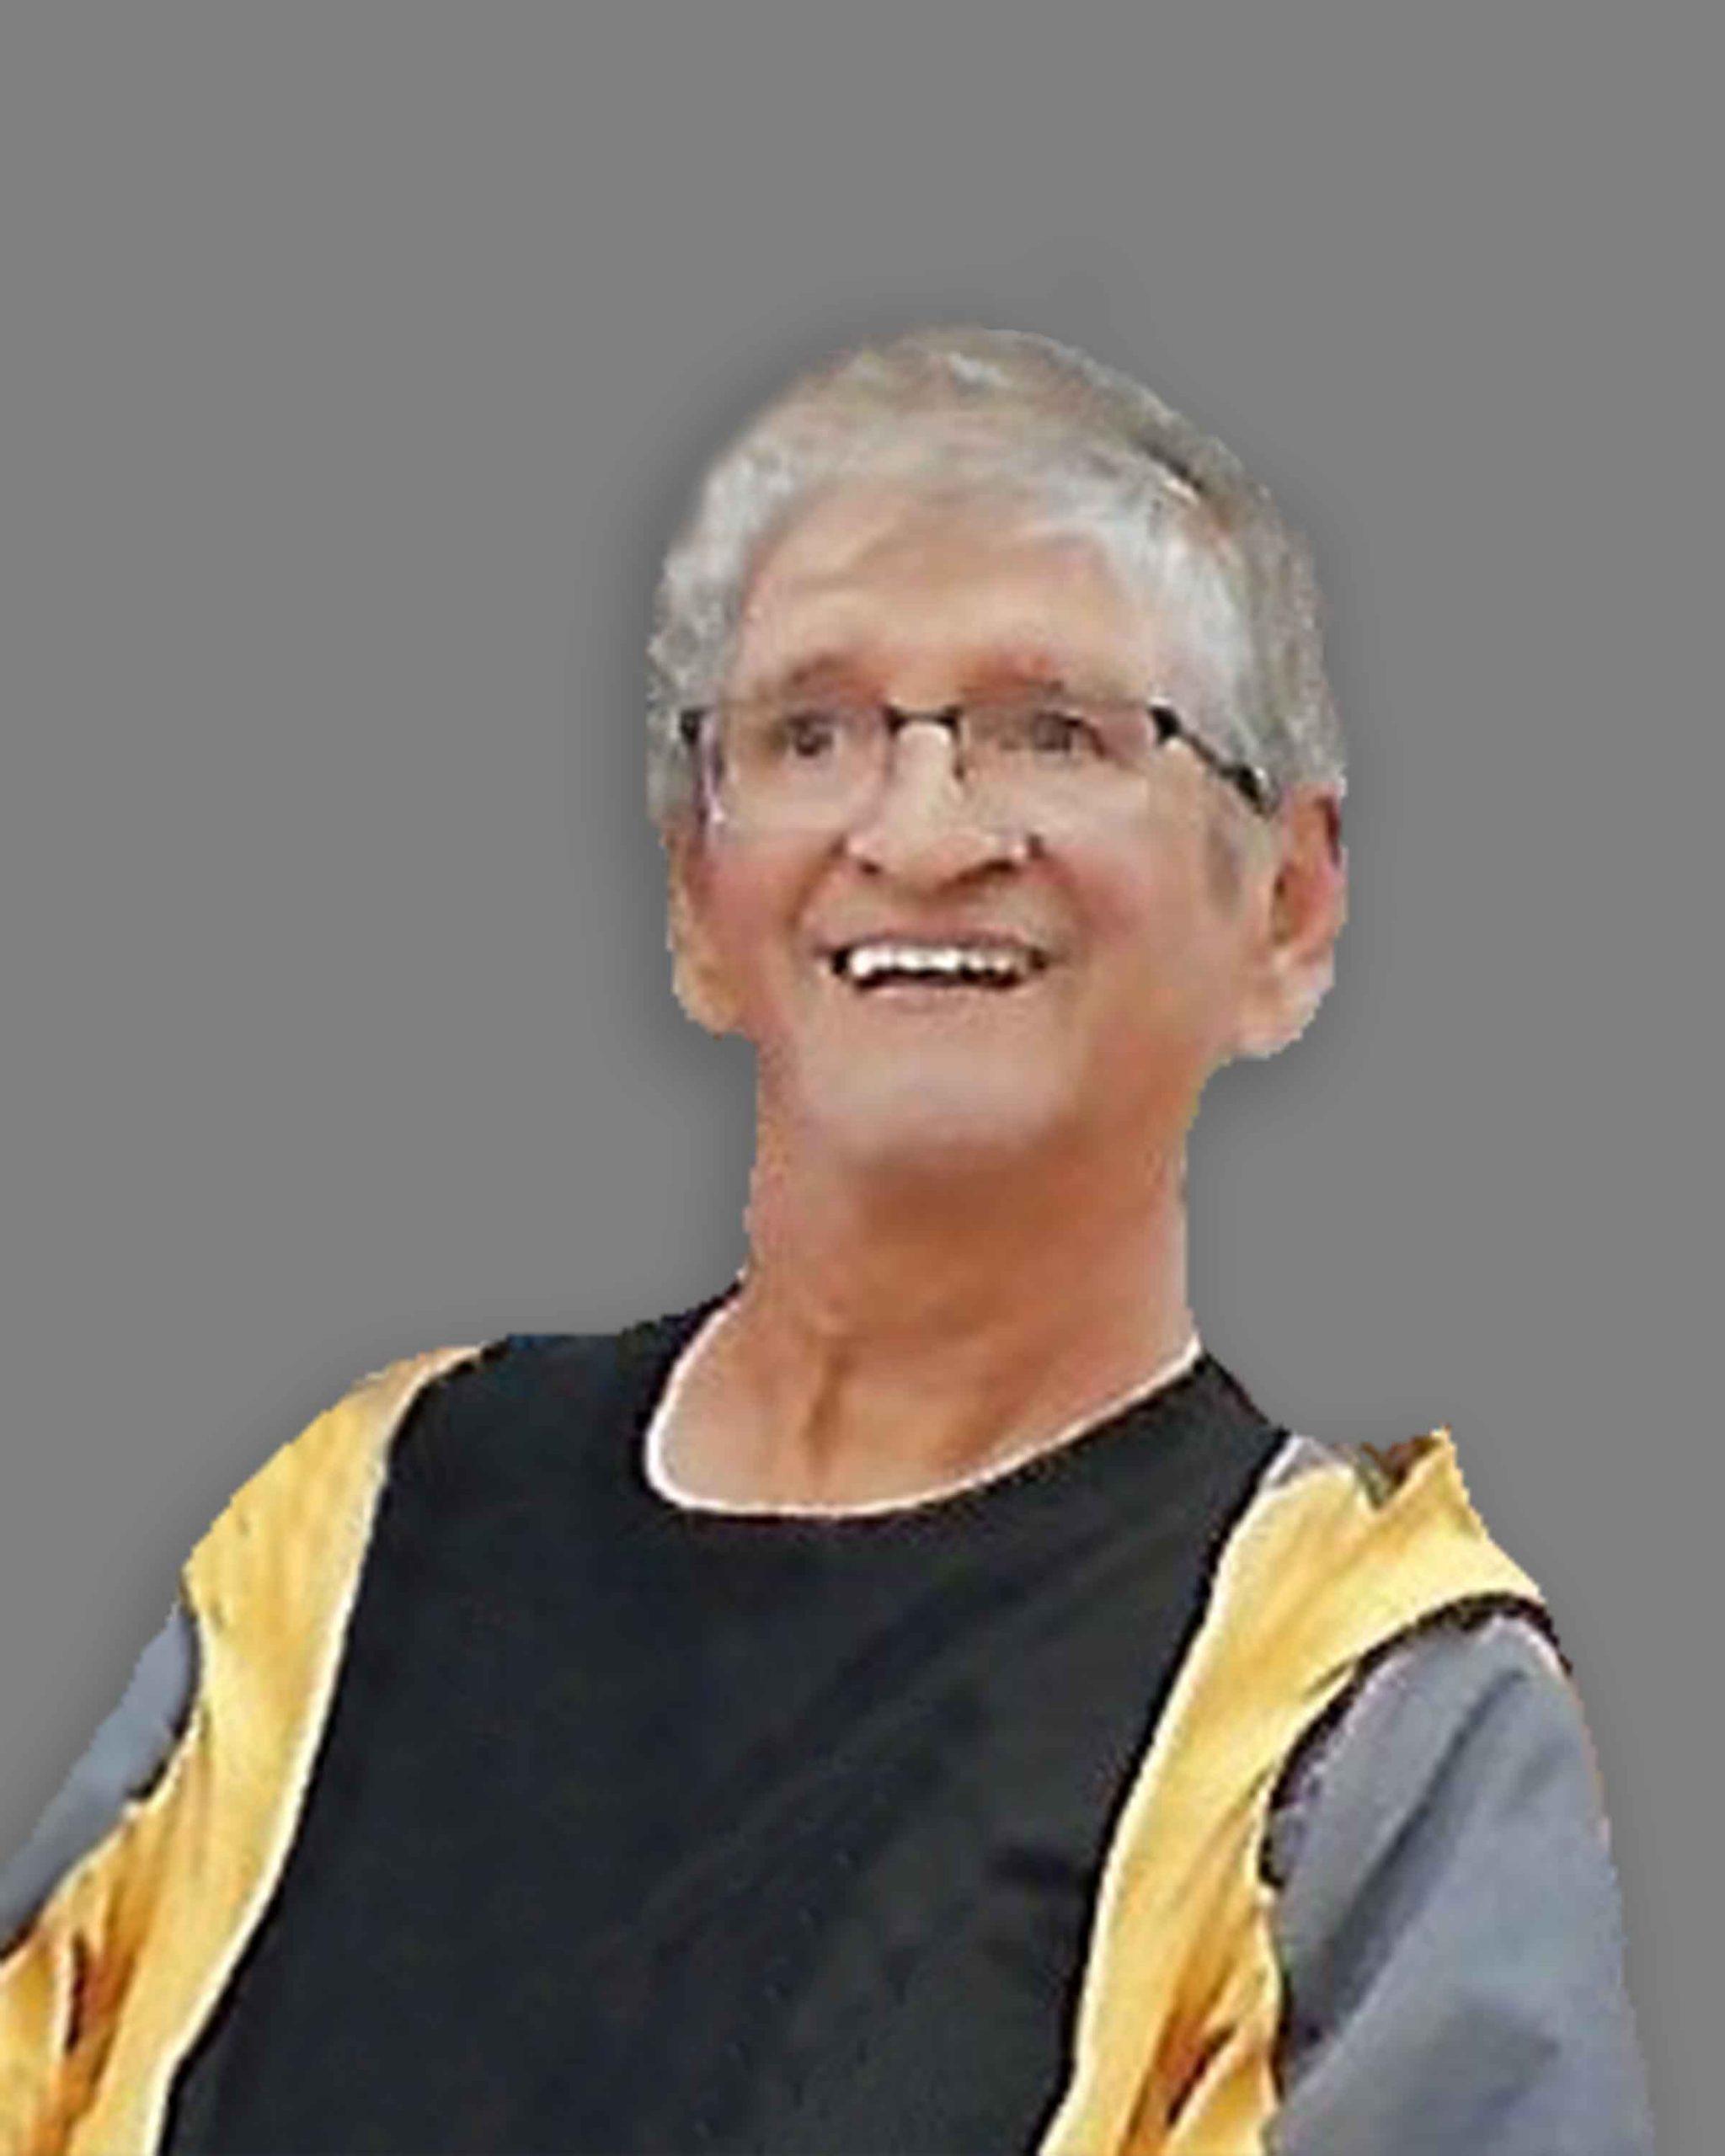 Avis de décès - Résidence funéraire Bernard Longpré Inc. -PLOUFFE, PAUL